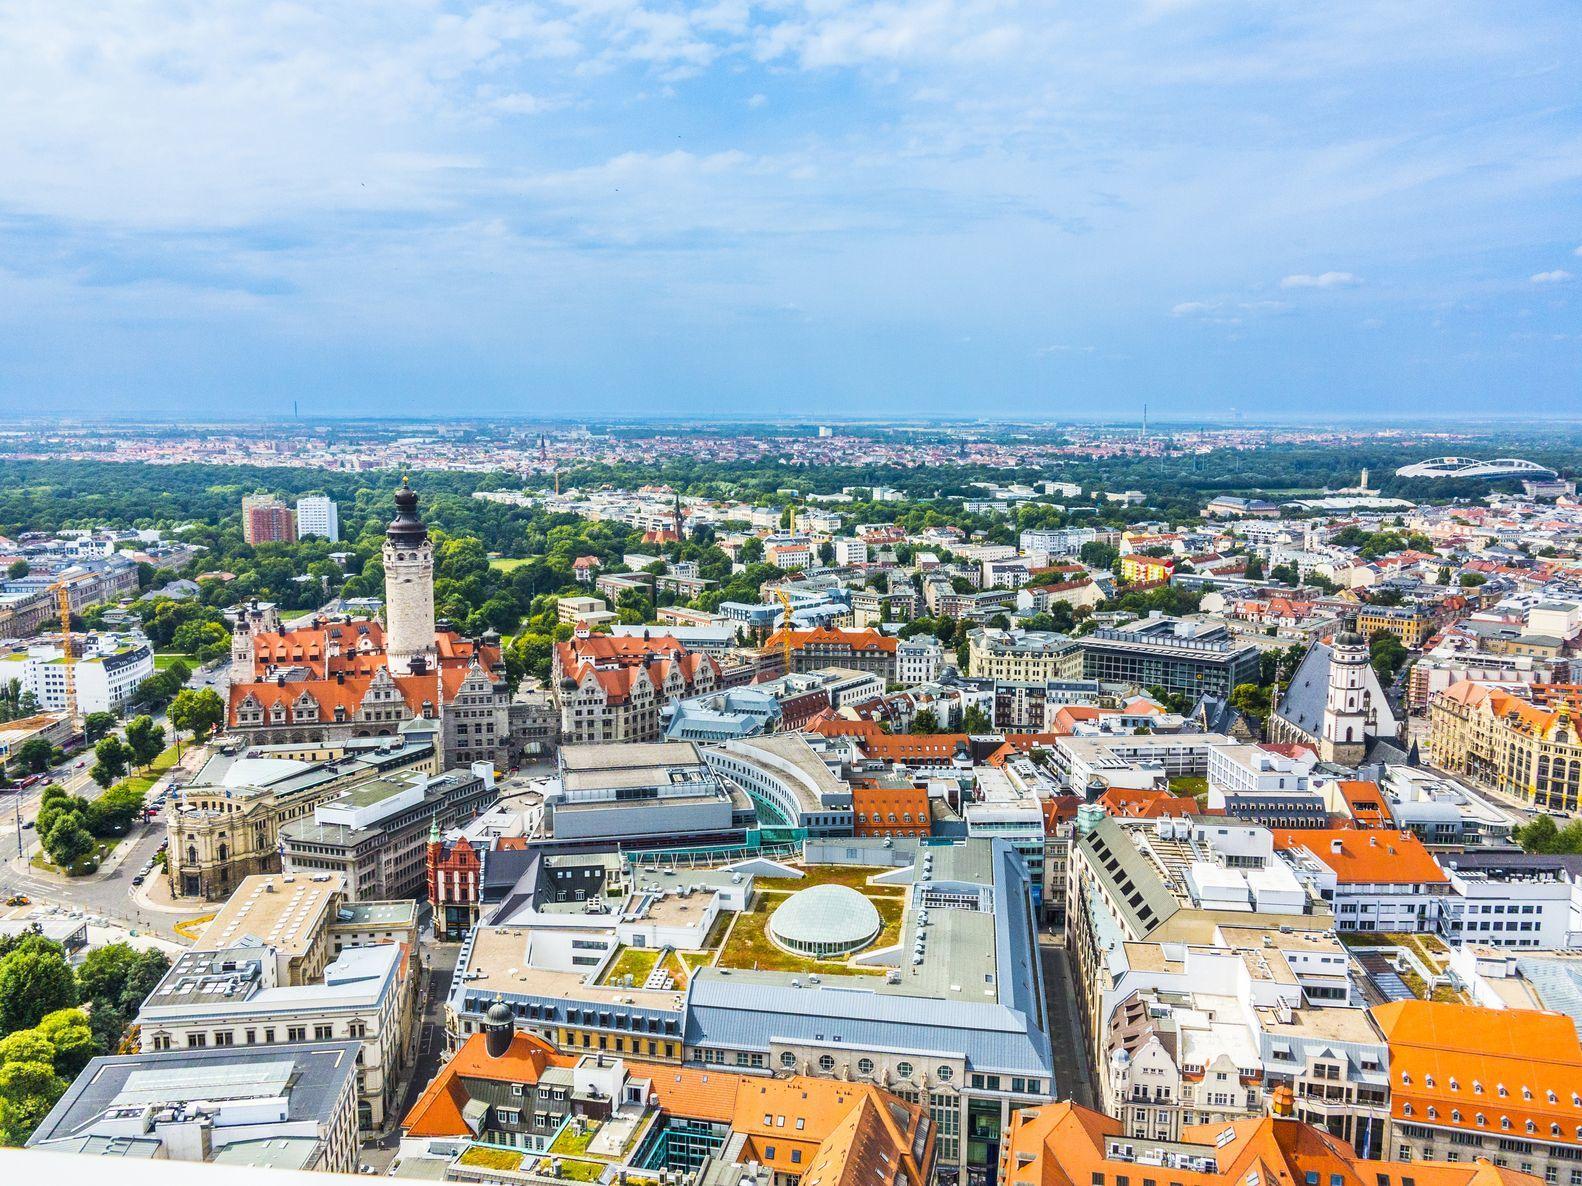 Letecký pohled na město Lipsko | meinzahn/123RF.com